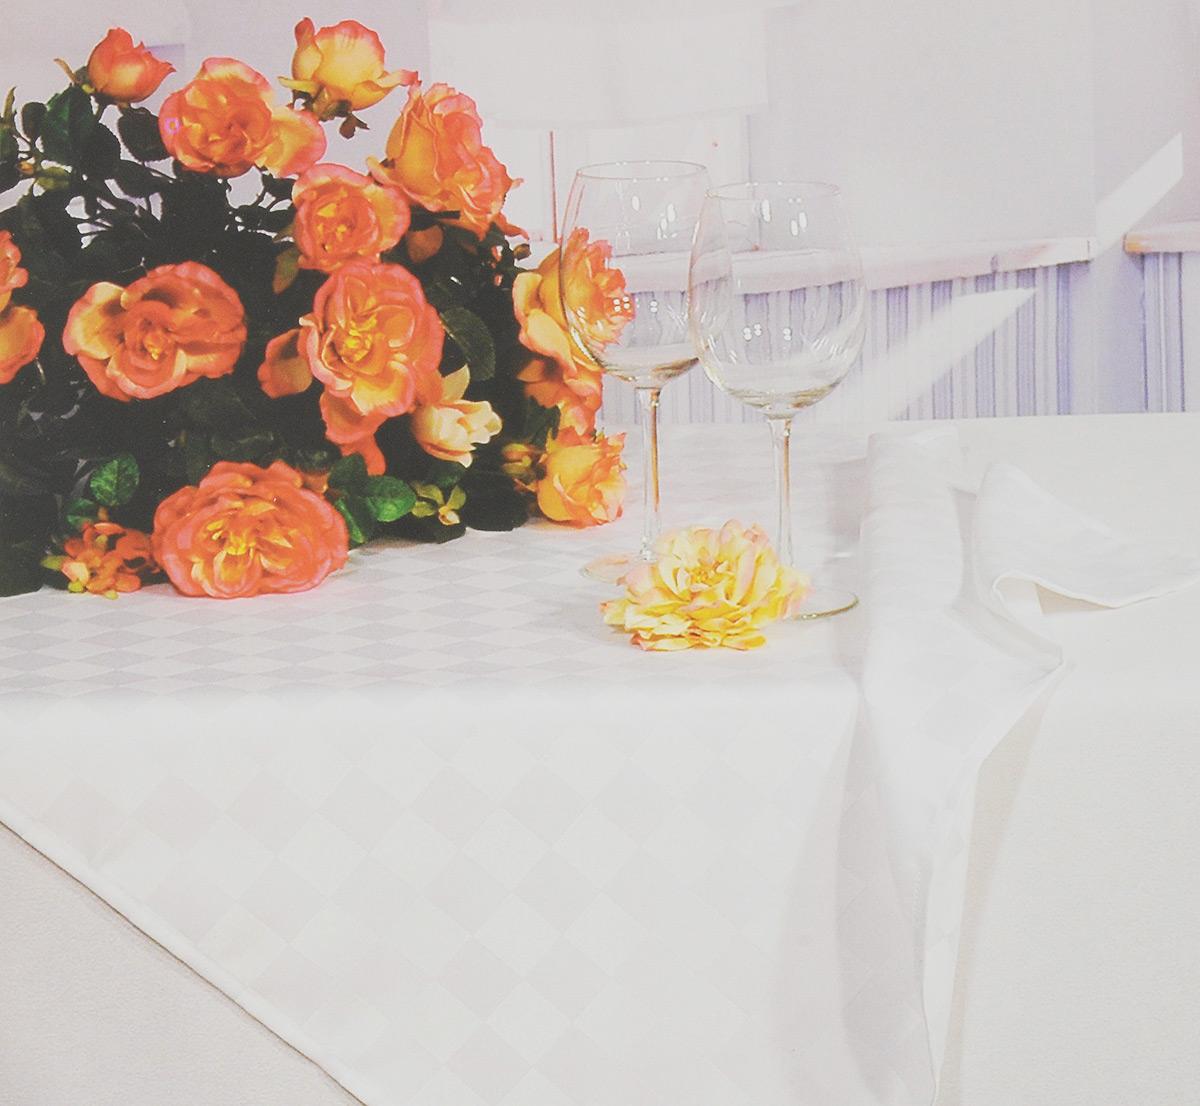 Скатерть Schaefer, прямоугольная, цвет: белый, 160 x 220 см. 4169/FB.01VT-1520(SR)Прямоугольная скатерть Schaefer, выполненная из полиэстера с оригинальным рисунком, станет изысканным украшением кухонного стола. За текстилем из полиэстера очень легко ухаживать: он не мнется, не садится и быстро сохнет, легко стирается, более долговечен, чем текстиль из натуральных волокон.Использование такой скатерти сделает застолье торжественным, поднимет настроение гостей и приятно удивит их вашим изысканным вкусом. Также вы можете использовать эту скатерть для повседневной трапезы, превратив каждый прием пищи в волшебный праздник и веселье. Это текстильное изделие станет изысканным украшением вашего дома!